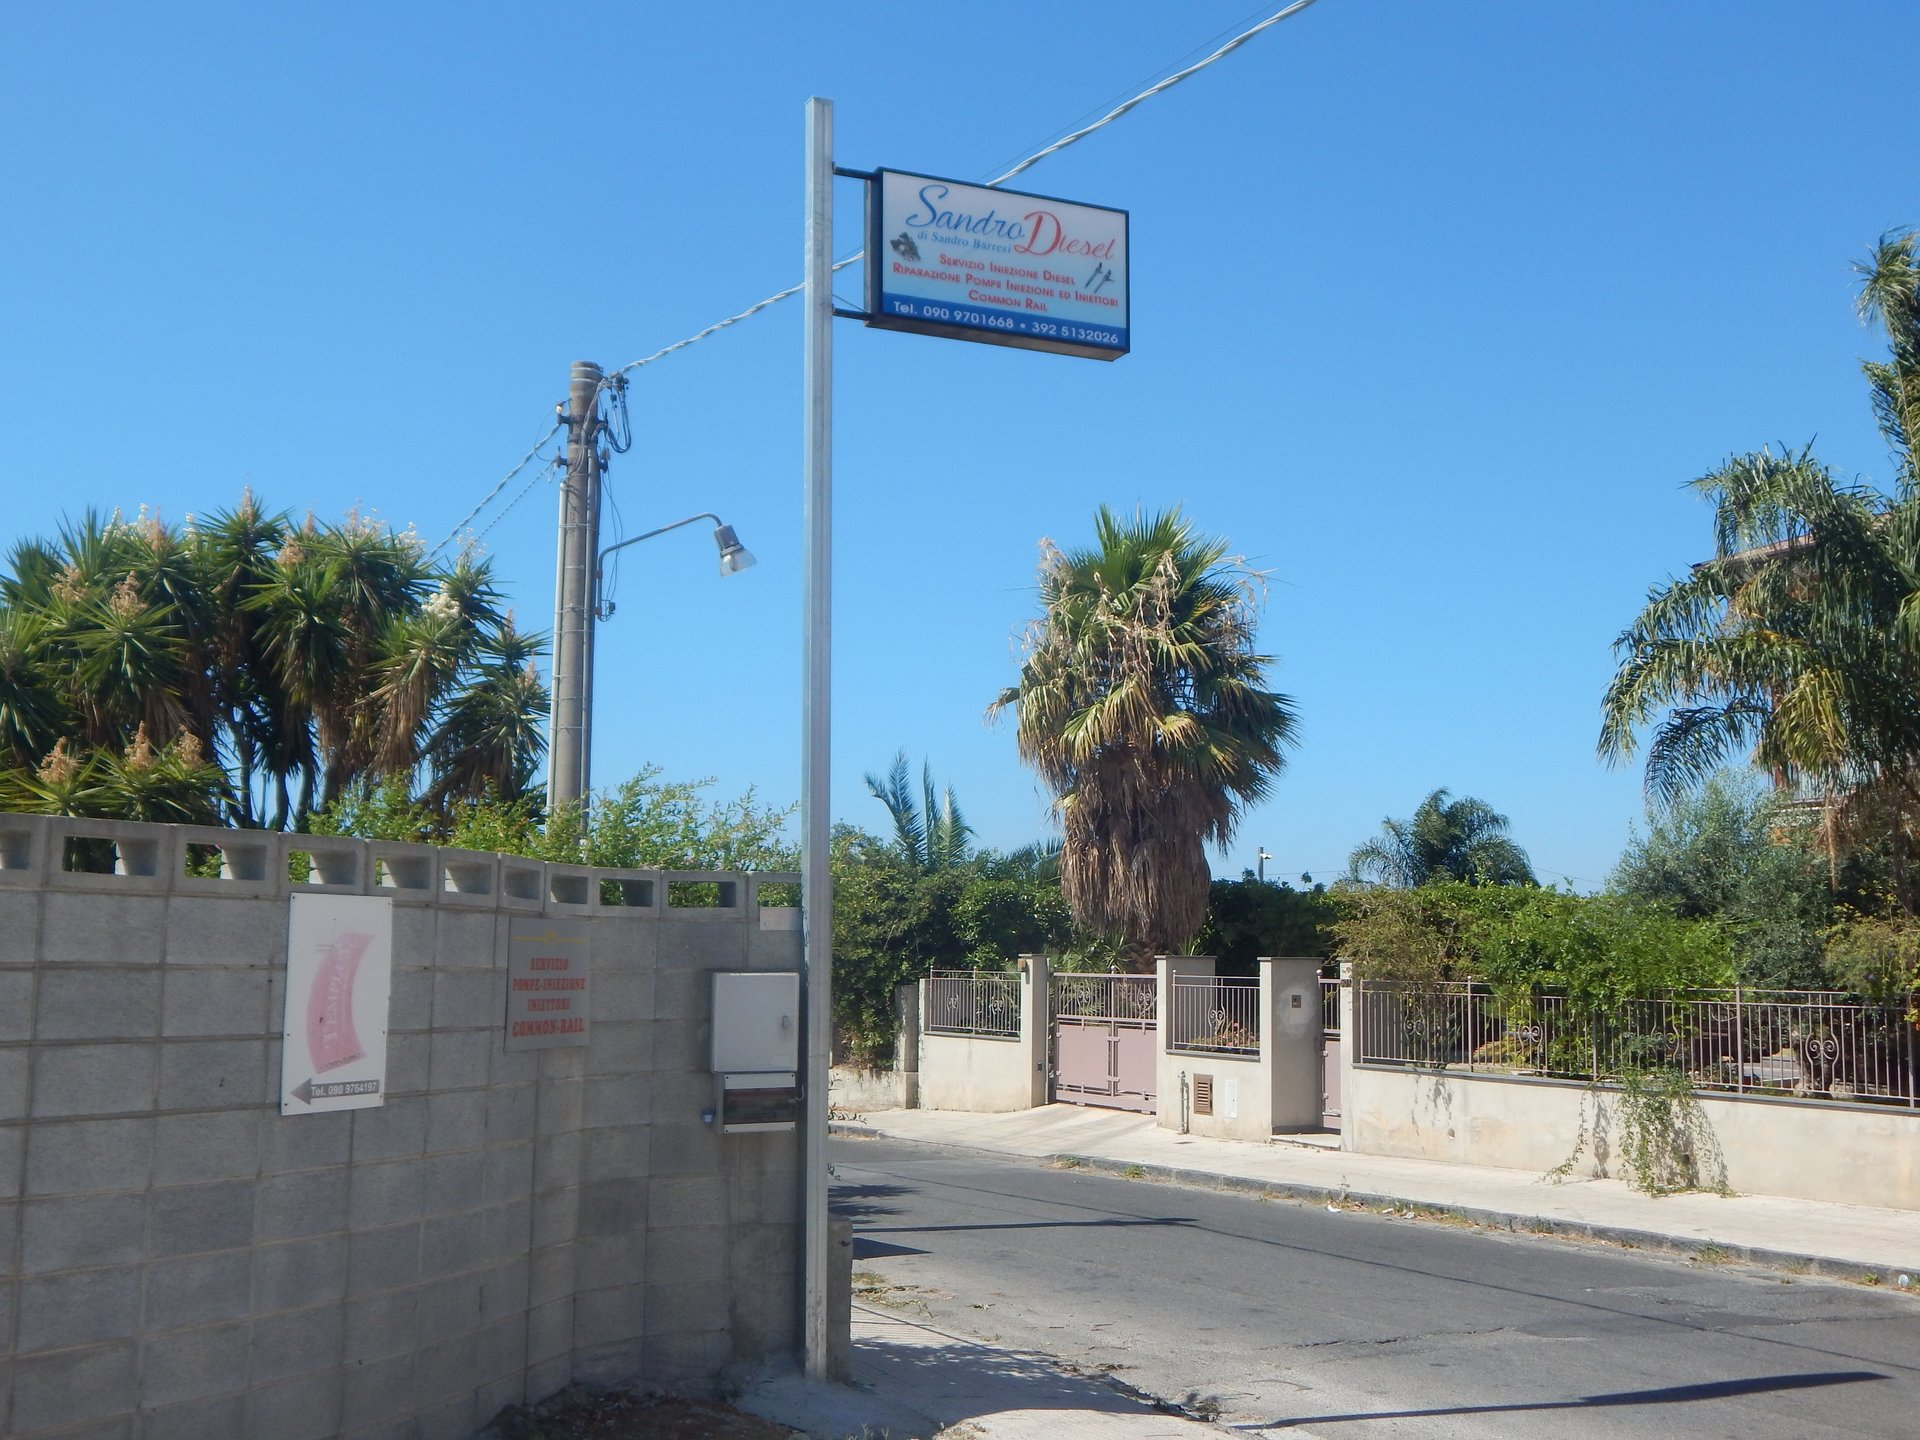 indicazione stradale per l'officina